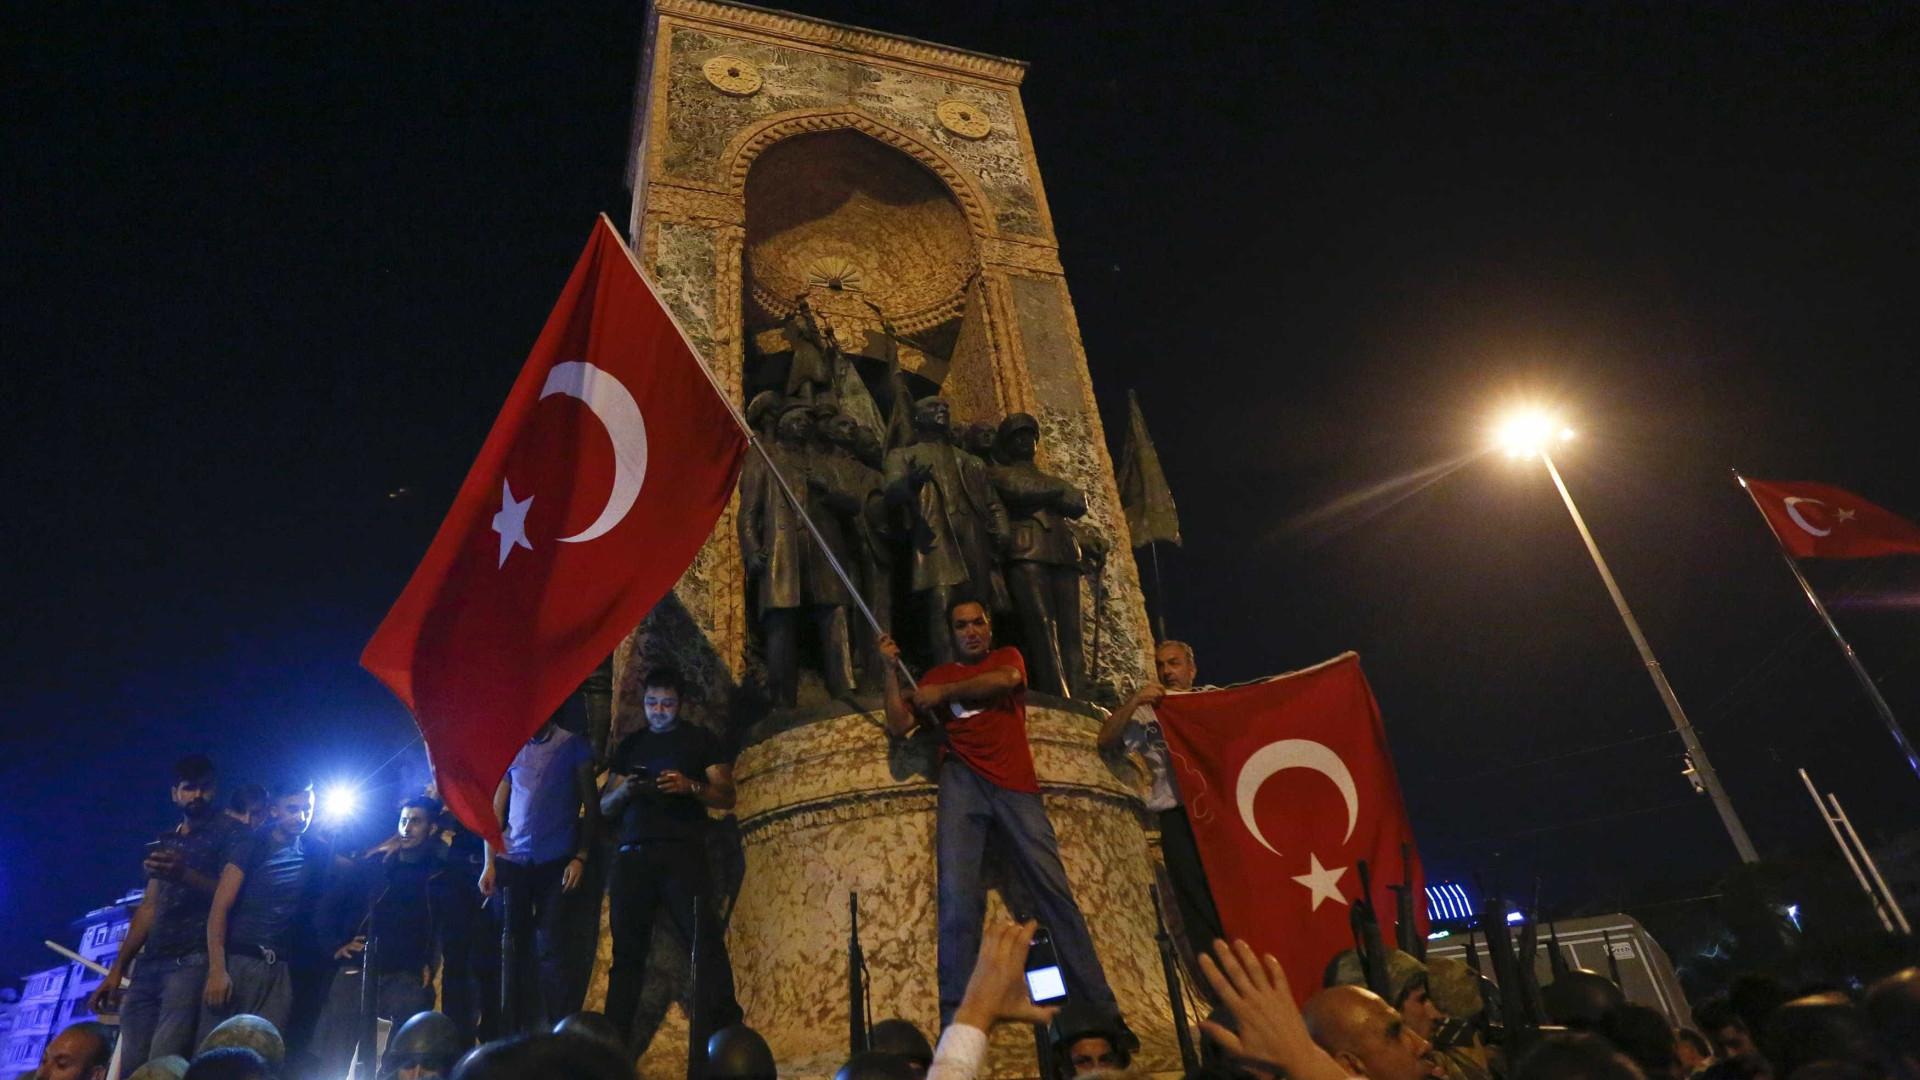 Entenda as tentativas de golpe na história recente da Turquia